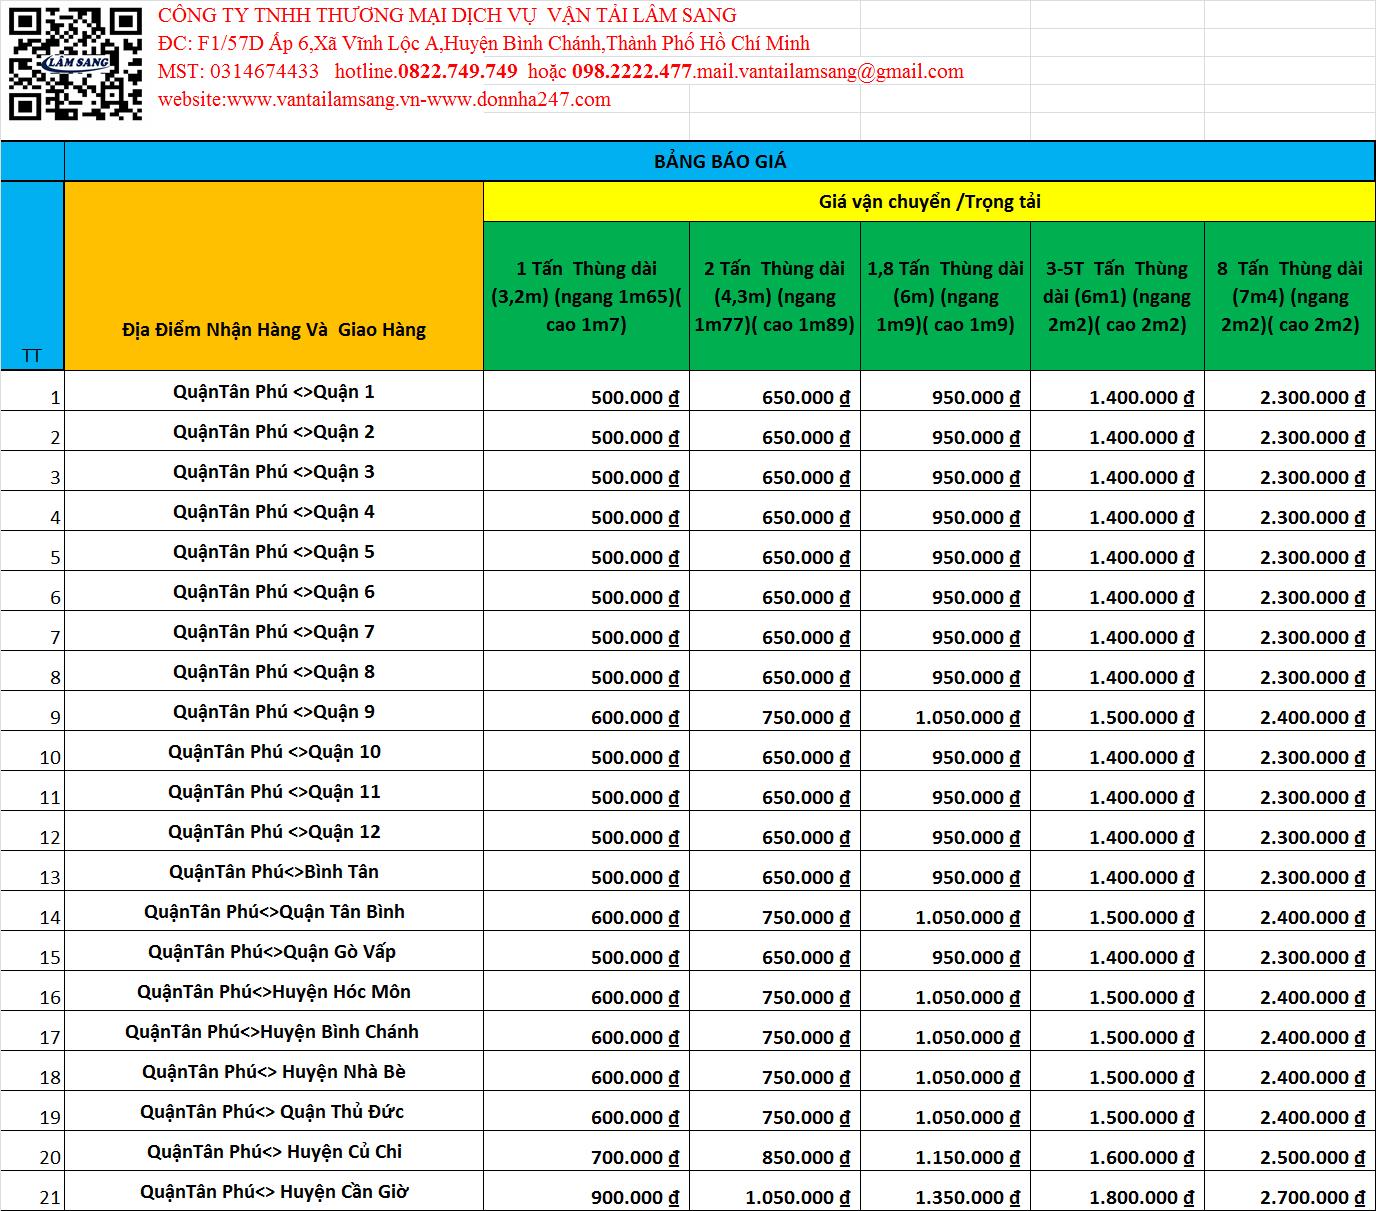 Dịch vụ cho thuê xe tải chở hàng - bảng báo giá